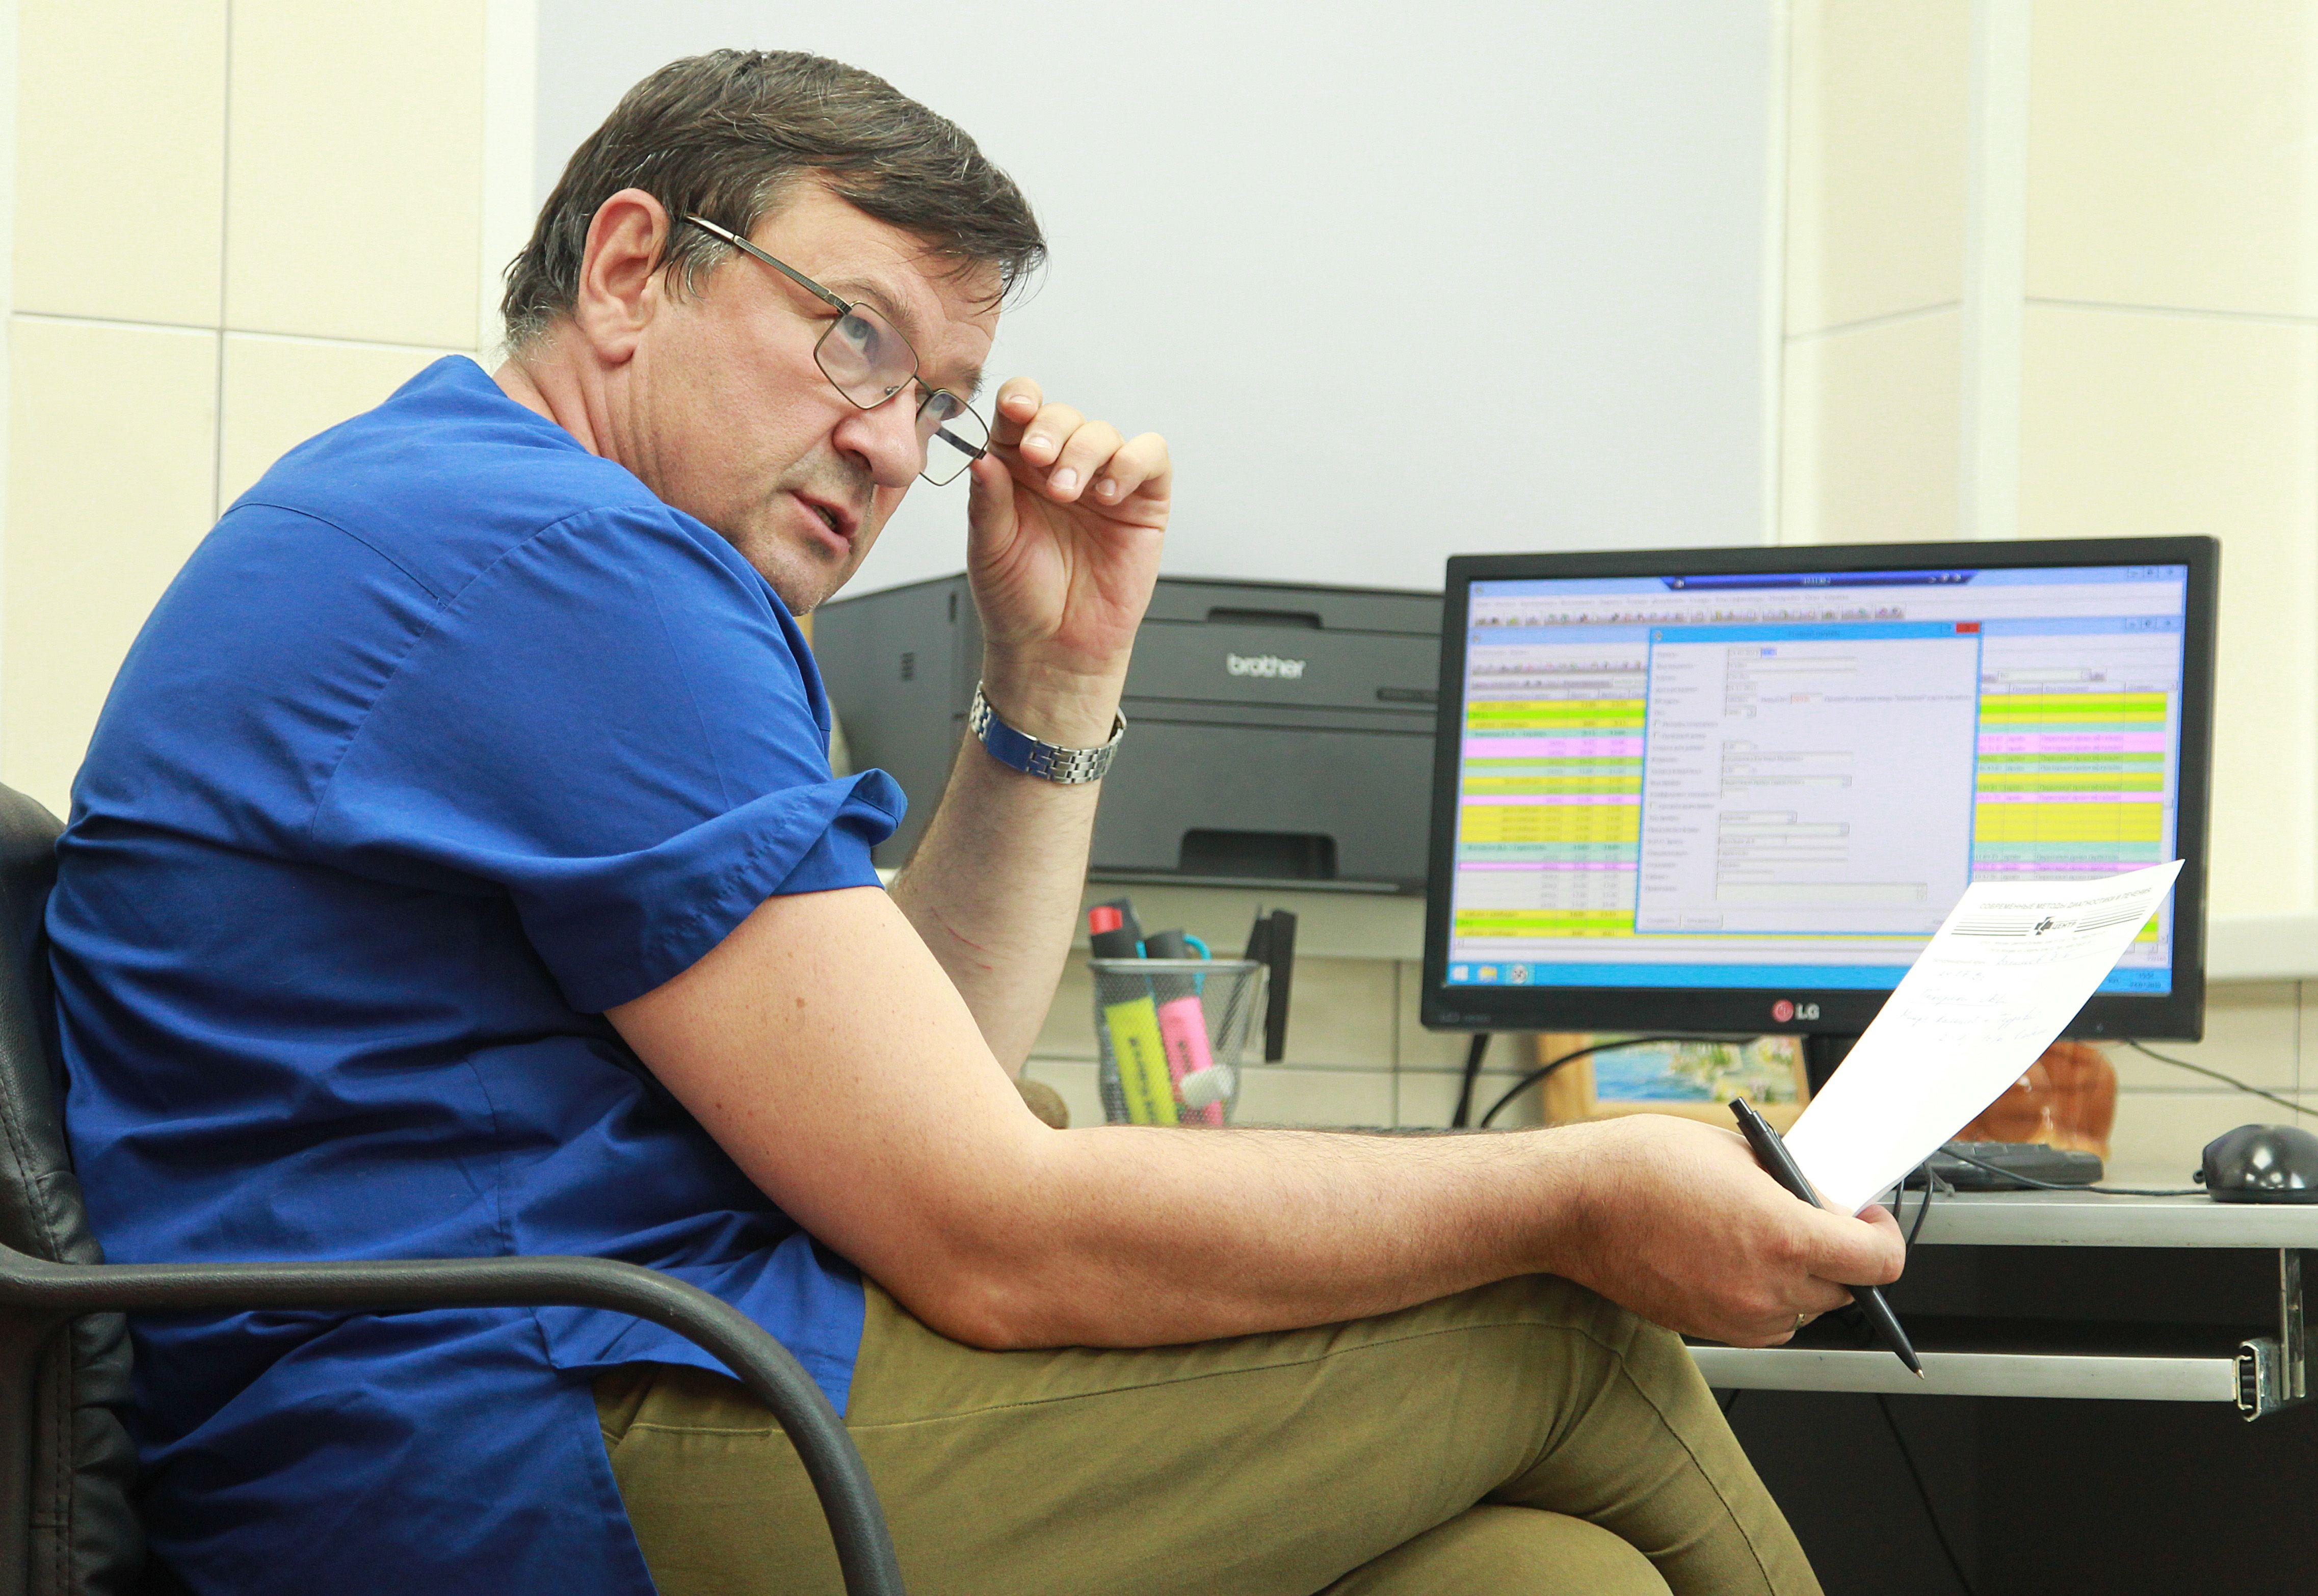 Департамент здравоохранения: Московские поликлиники станут комфортнее для пациентов. Фото: архив